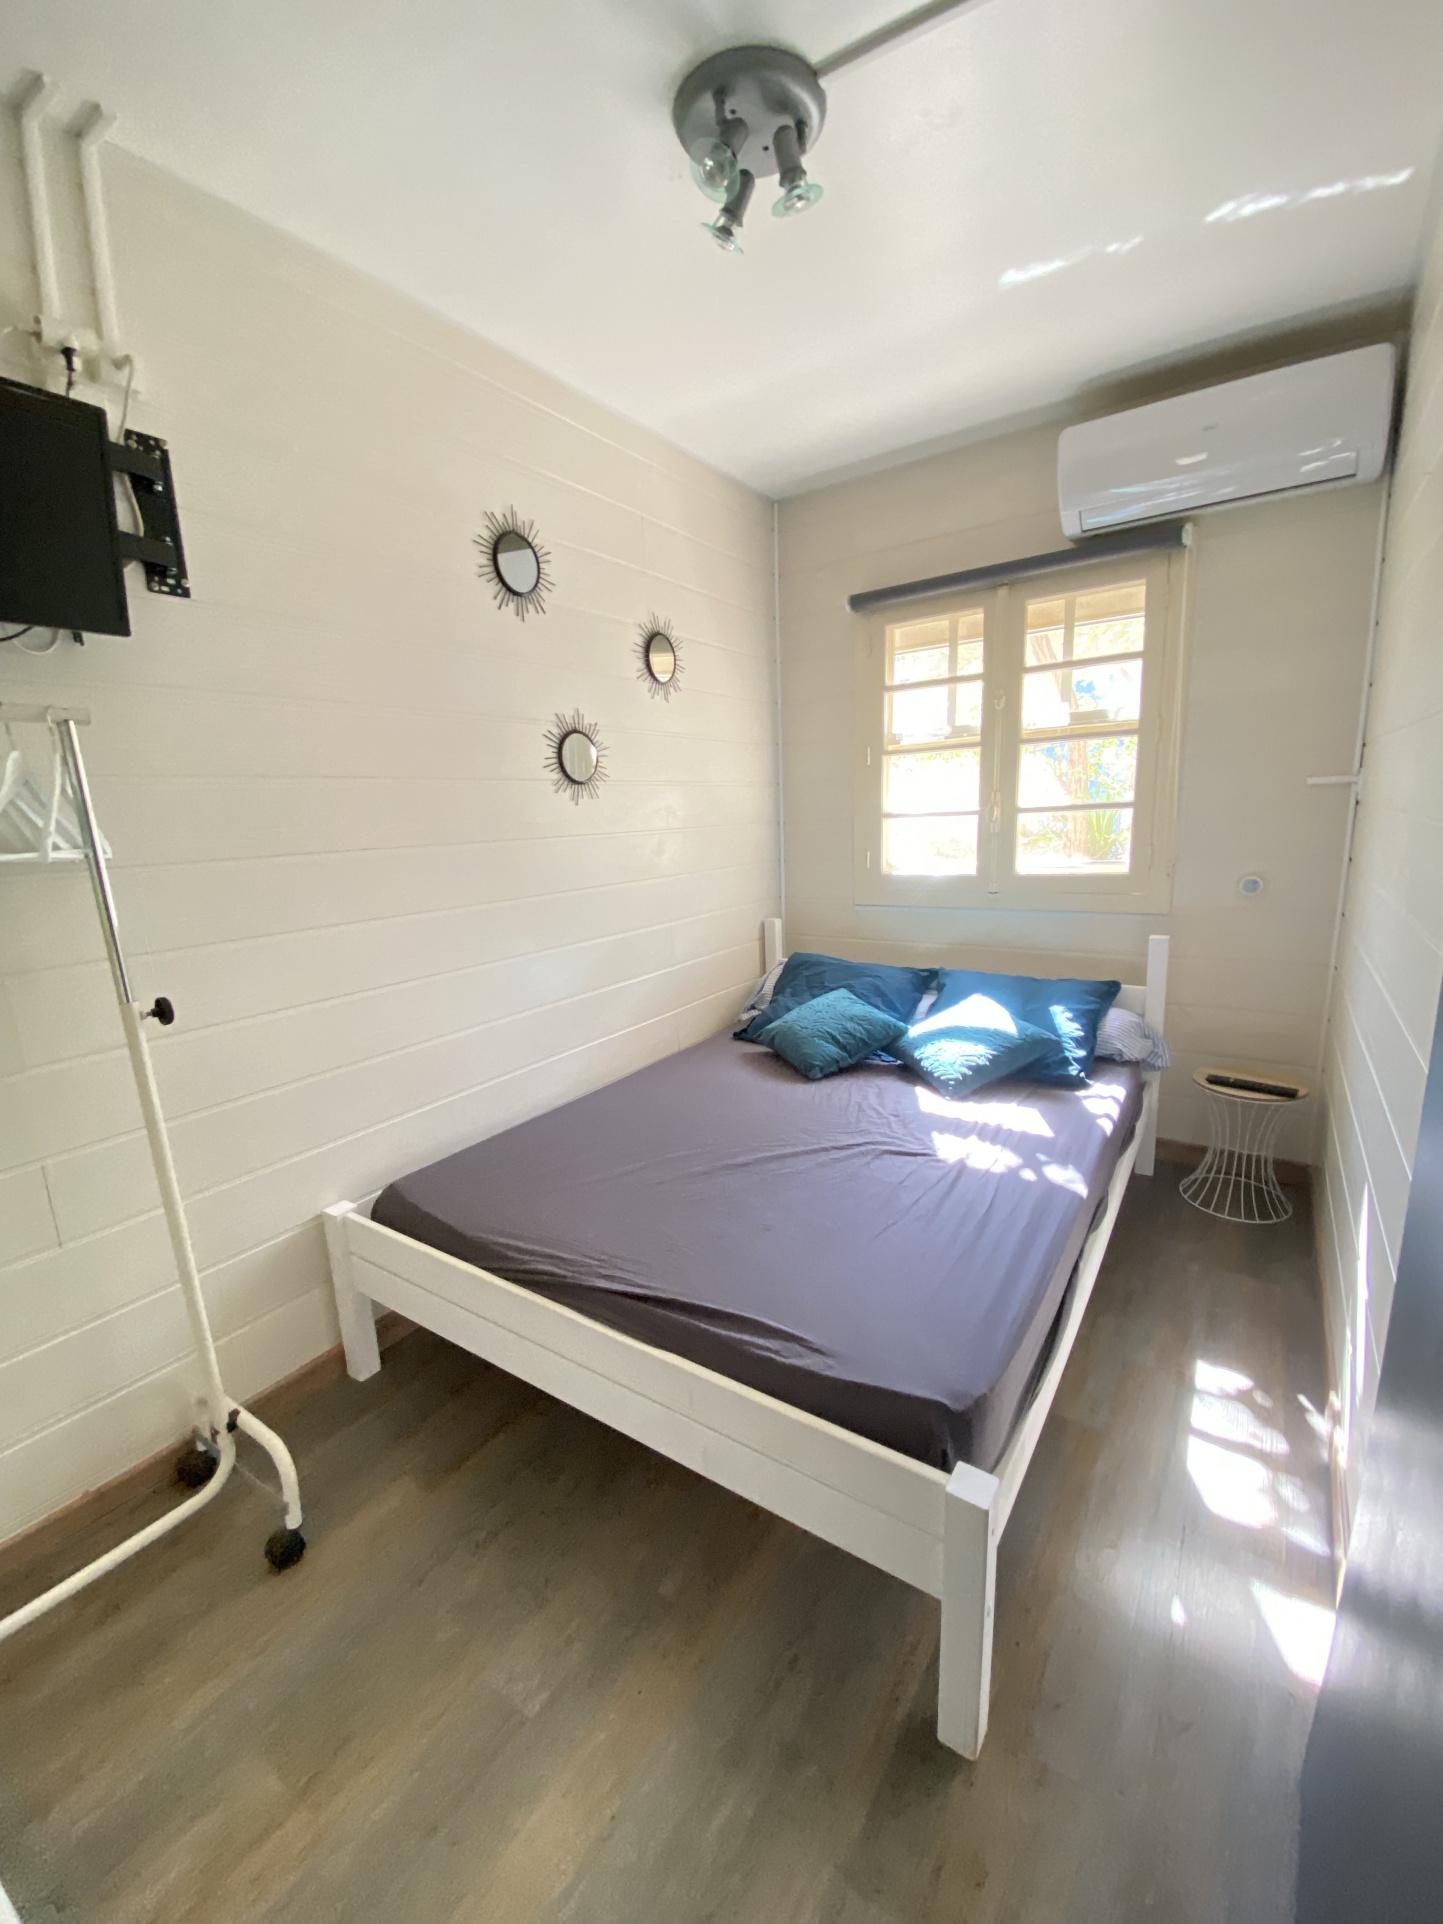 À vendre maison/villa de 34m2 à argeles sur mer (66700) - Photo 5'